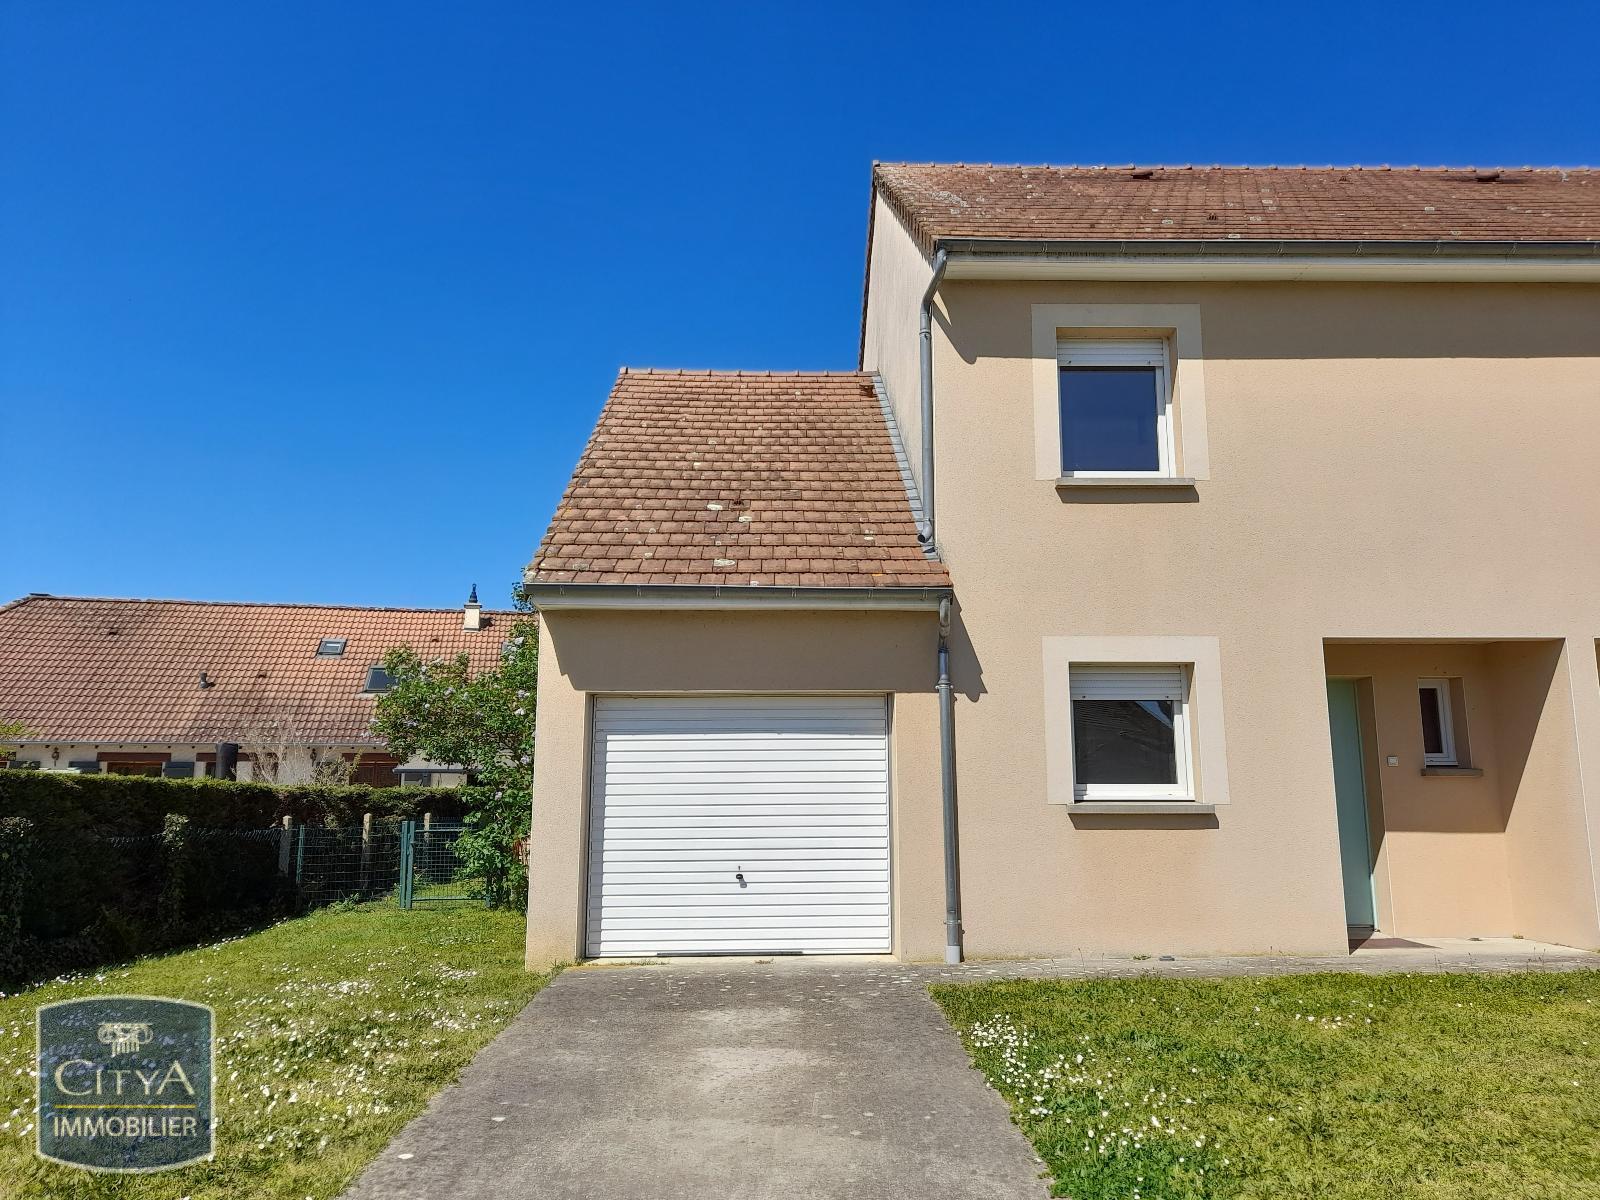 Maison/villa 4 pièces 84 m²